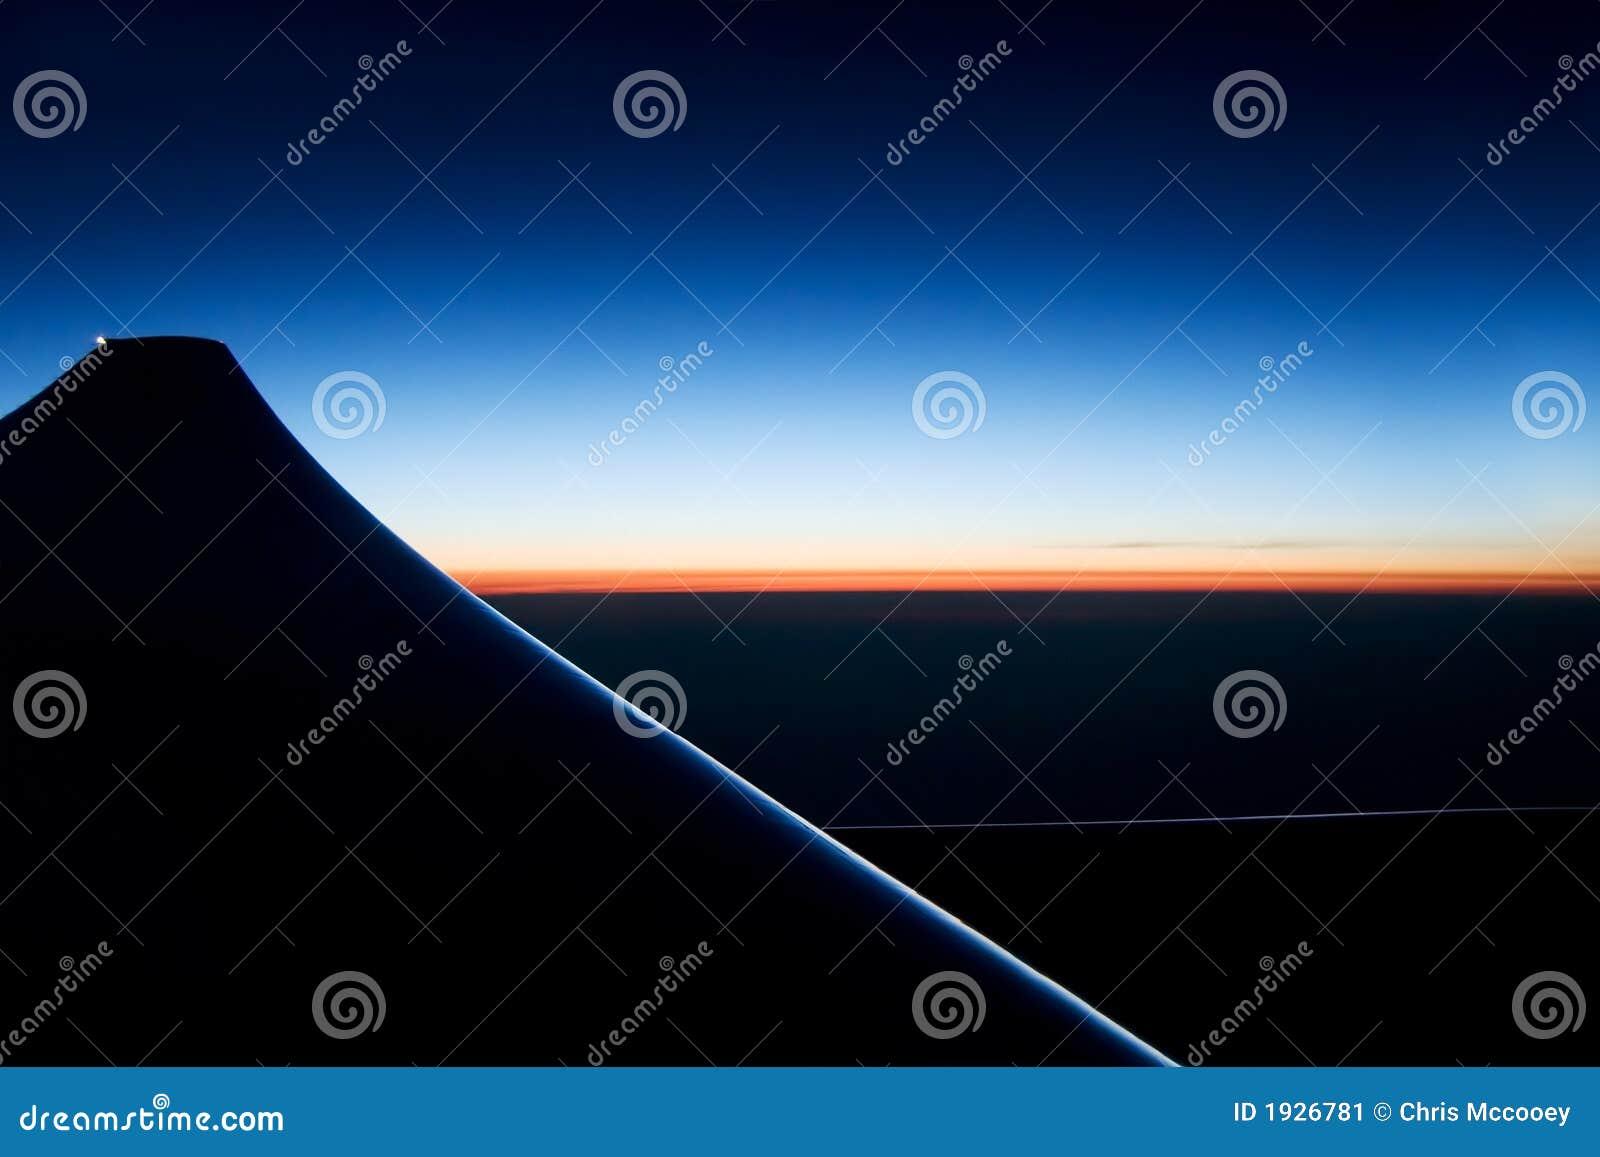 Sunrise on Horizon